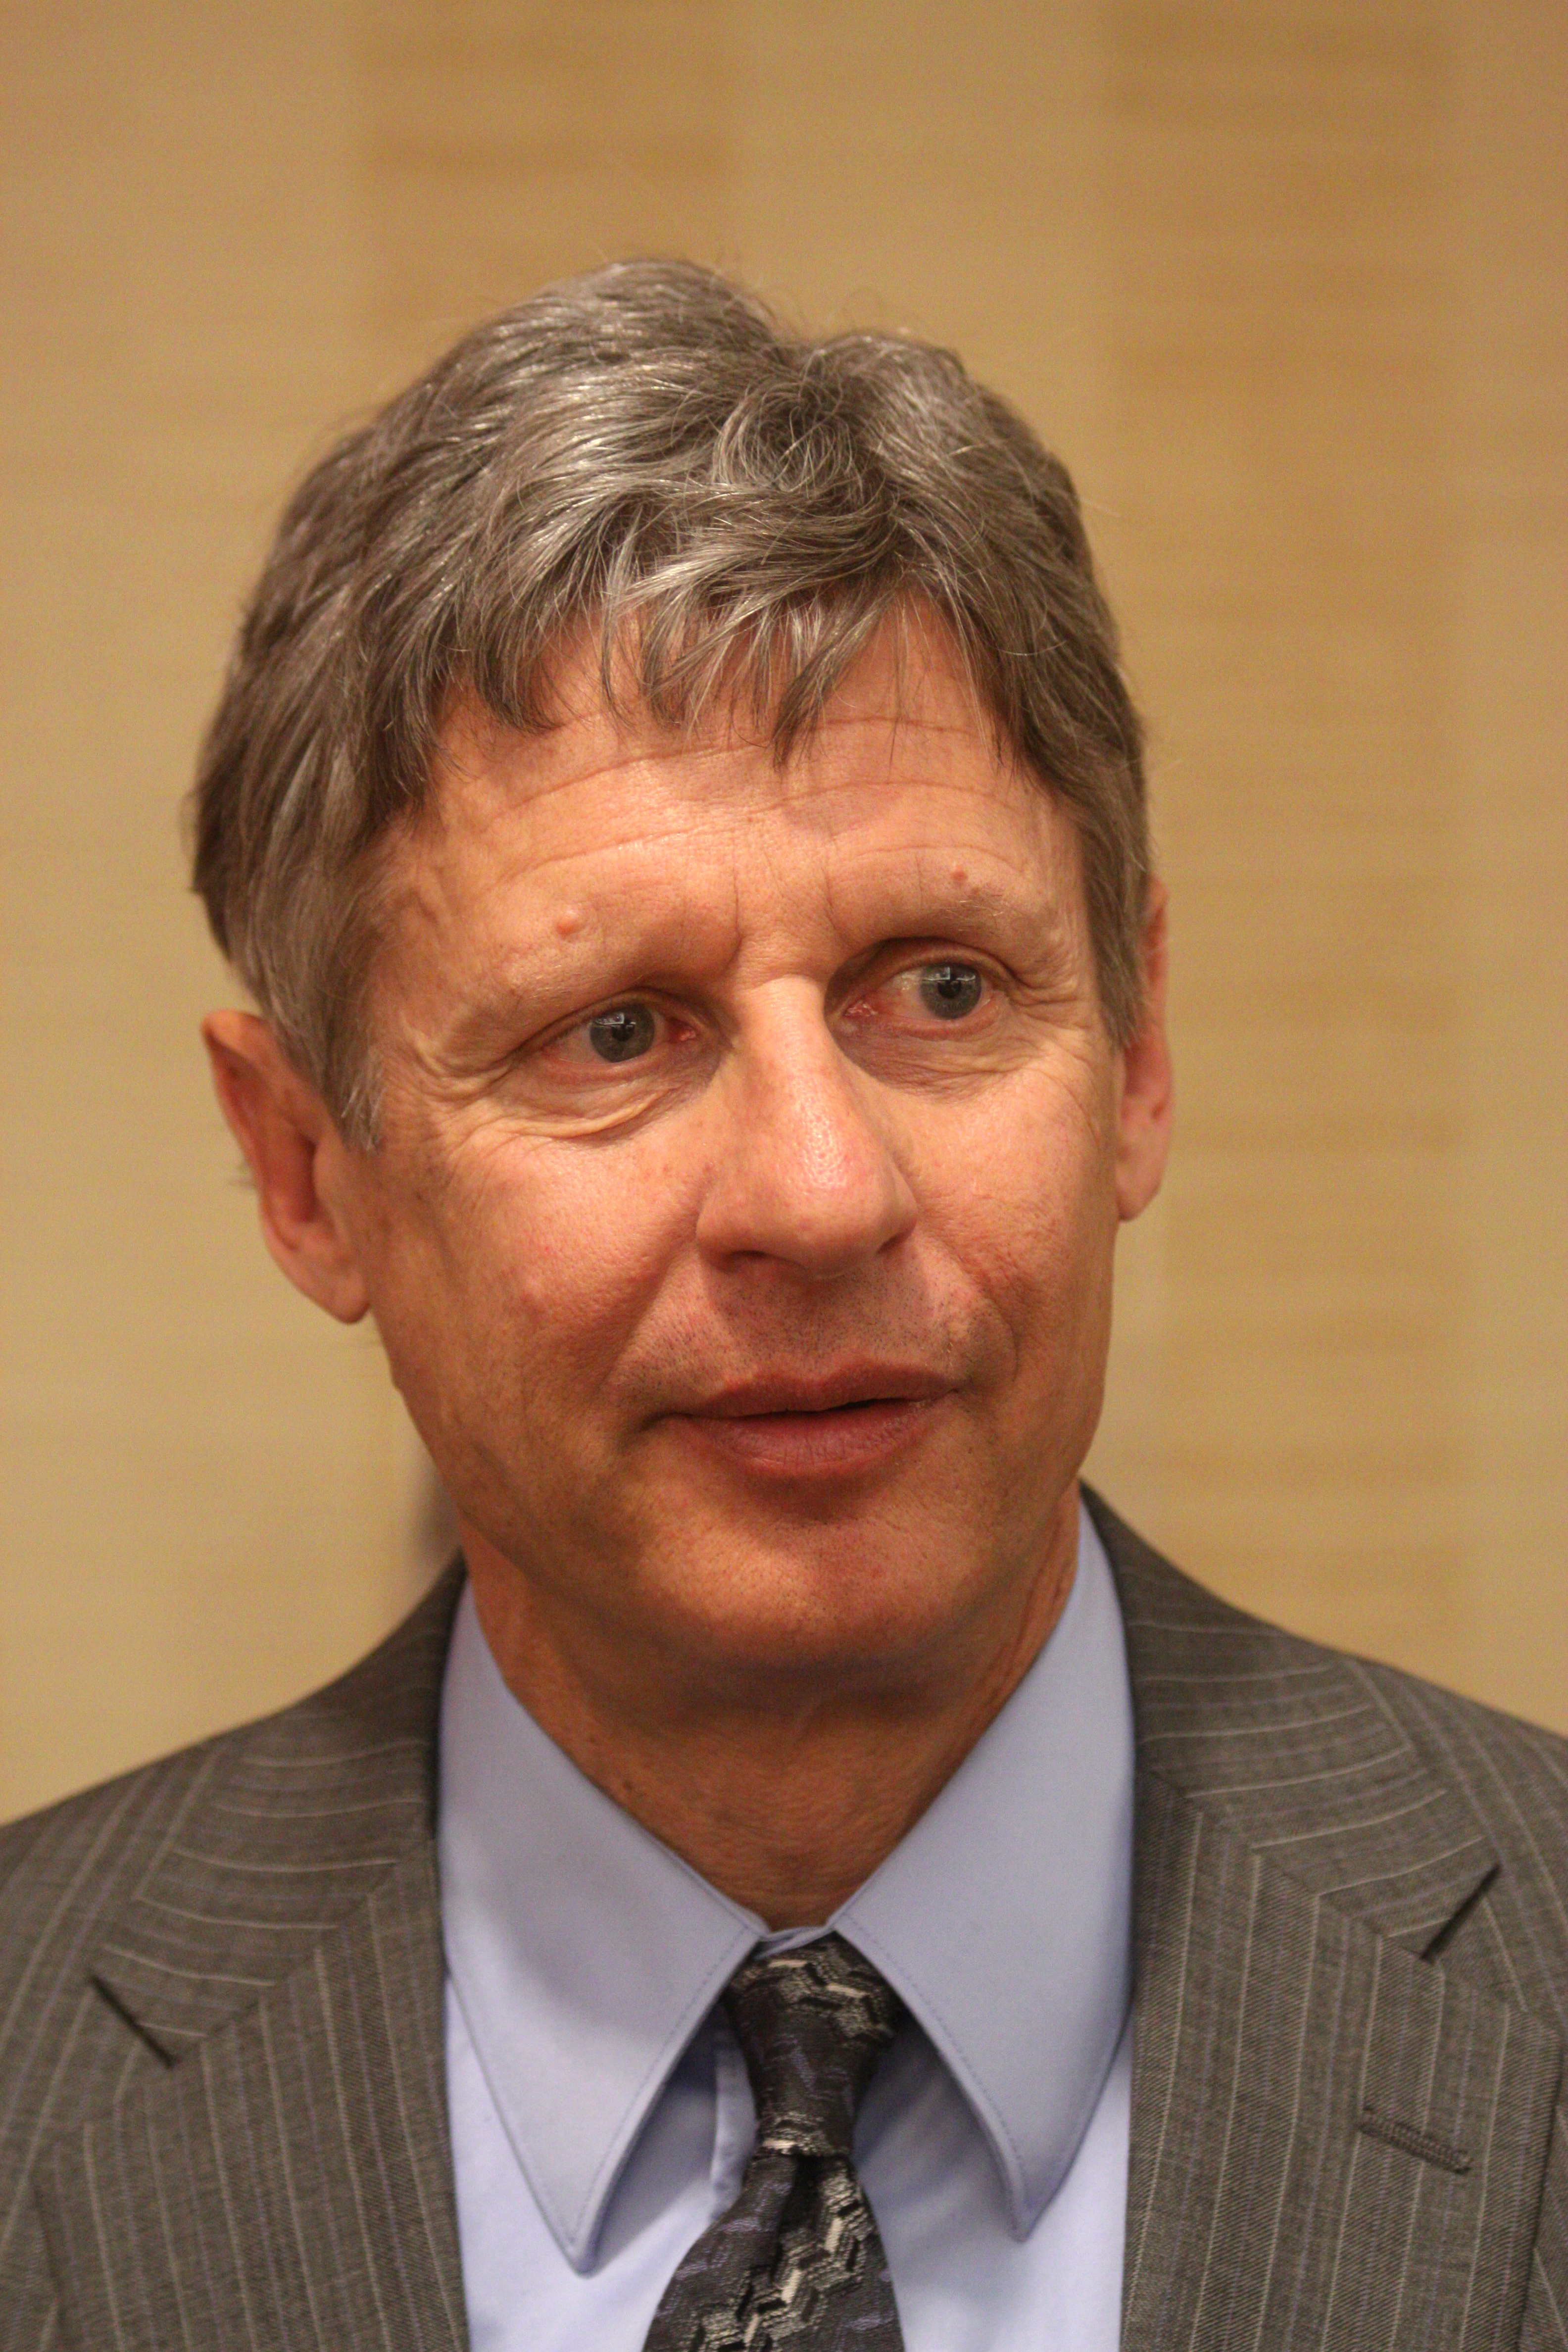 http://upload.wikimedia.org/wikipedia/commons/c/c1/Gary_Johnson_by_Gage_Skidmore_2.jpg